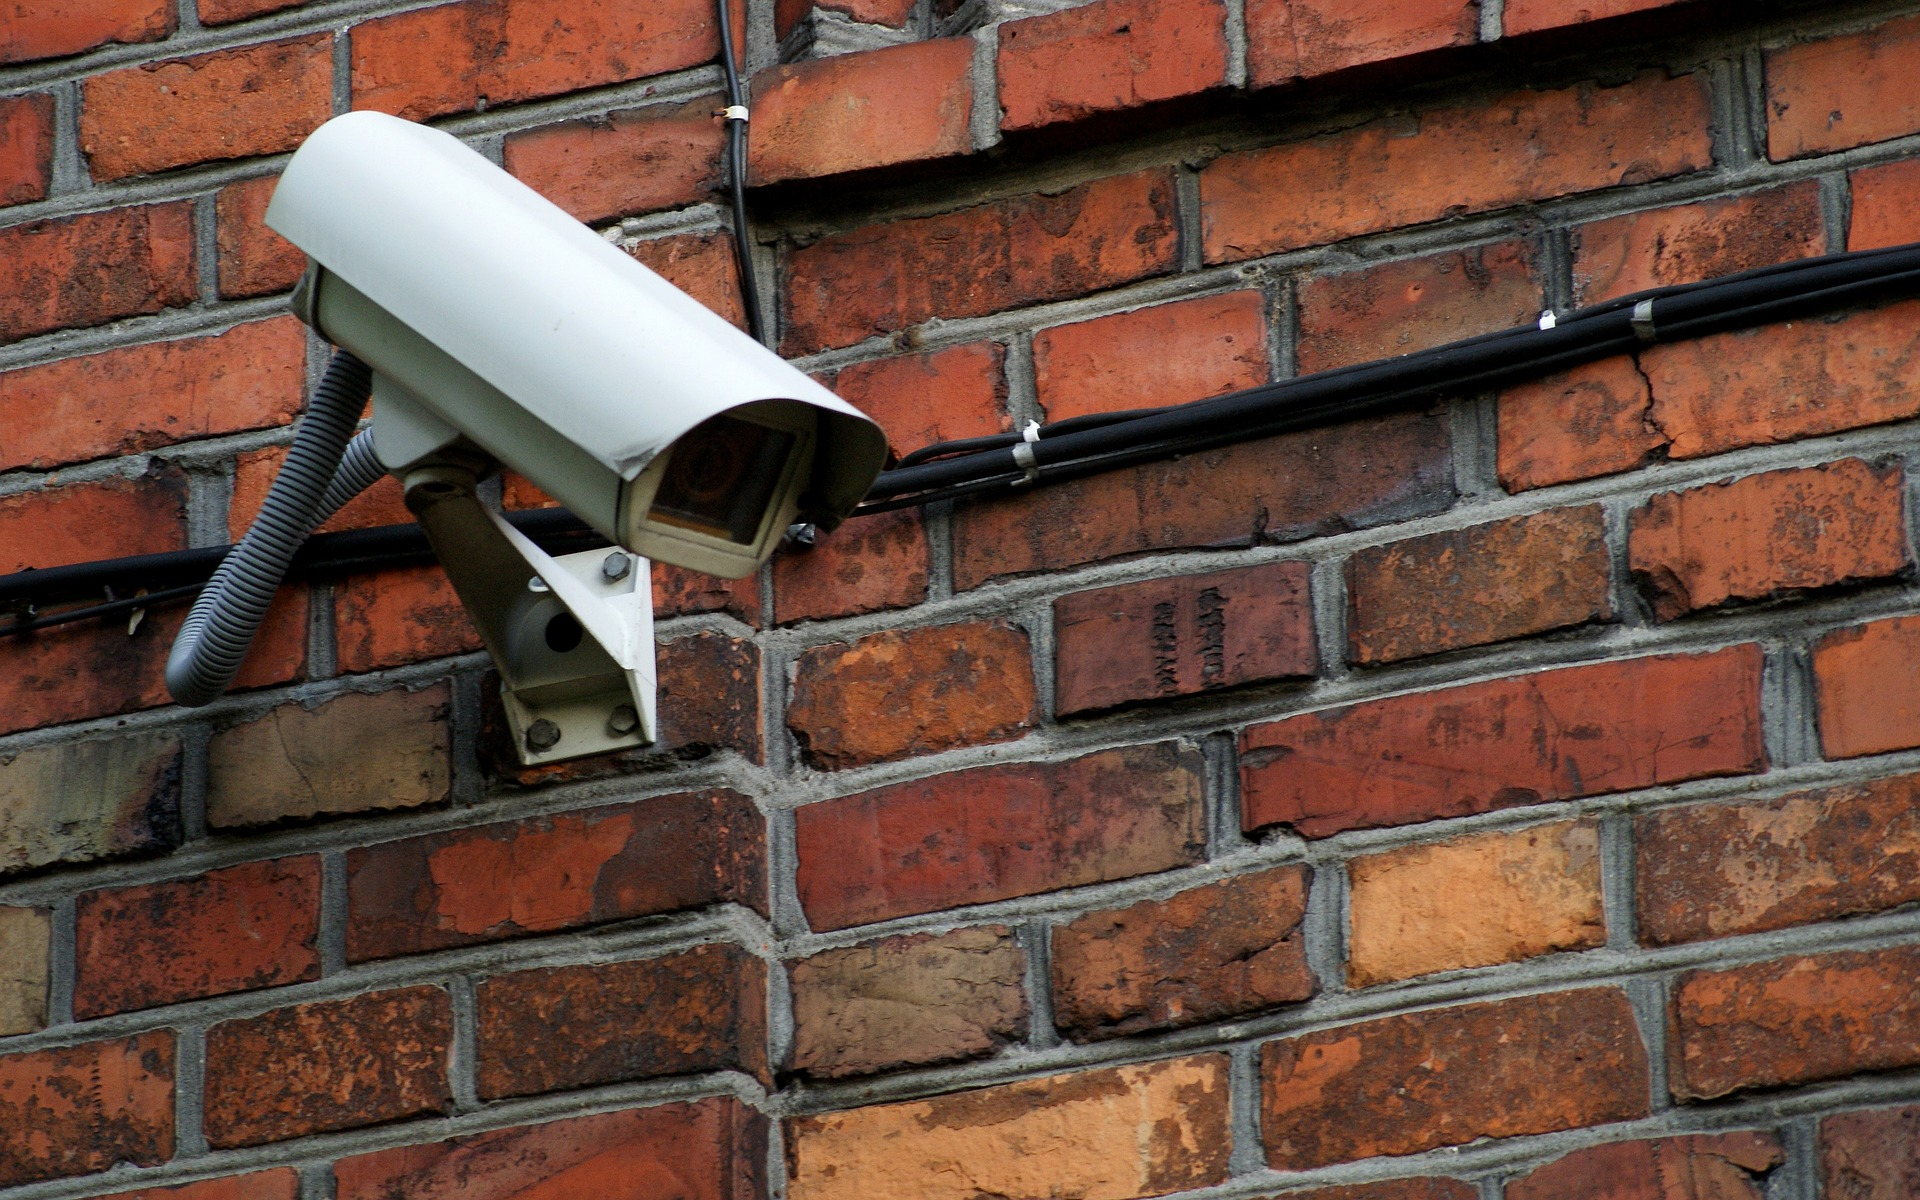 Protéger son logement grâce aux caméras de surveillance connectées